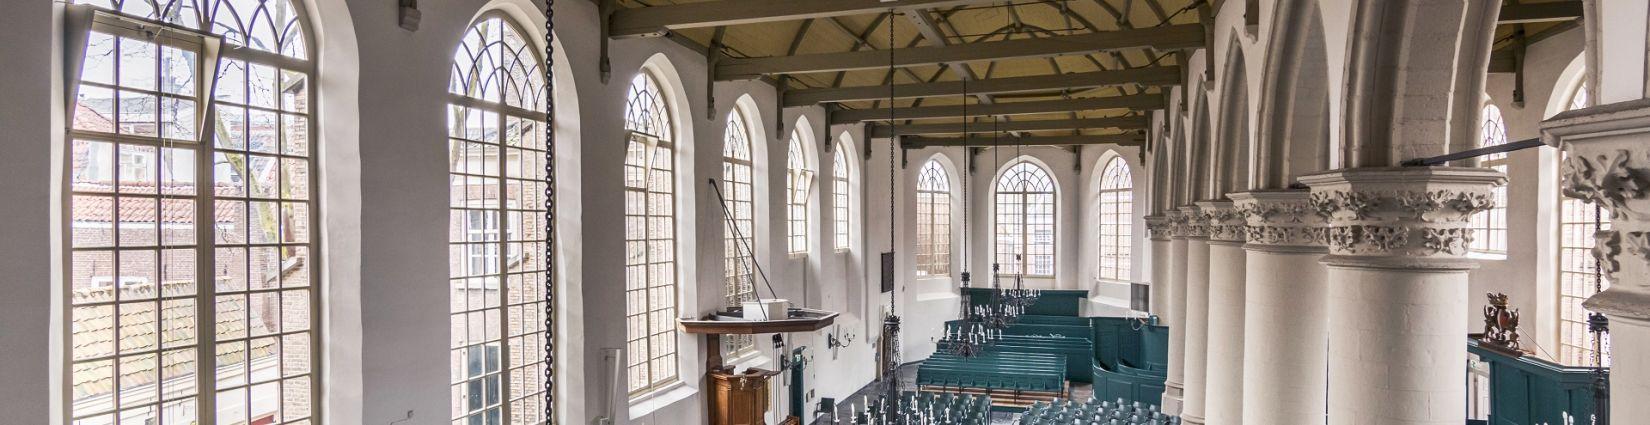 Augustijnenkerk (monument) - Dordrecht